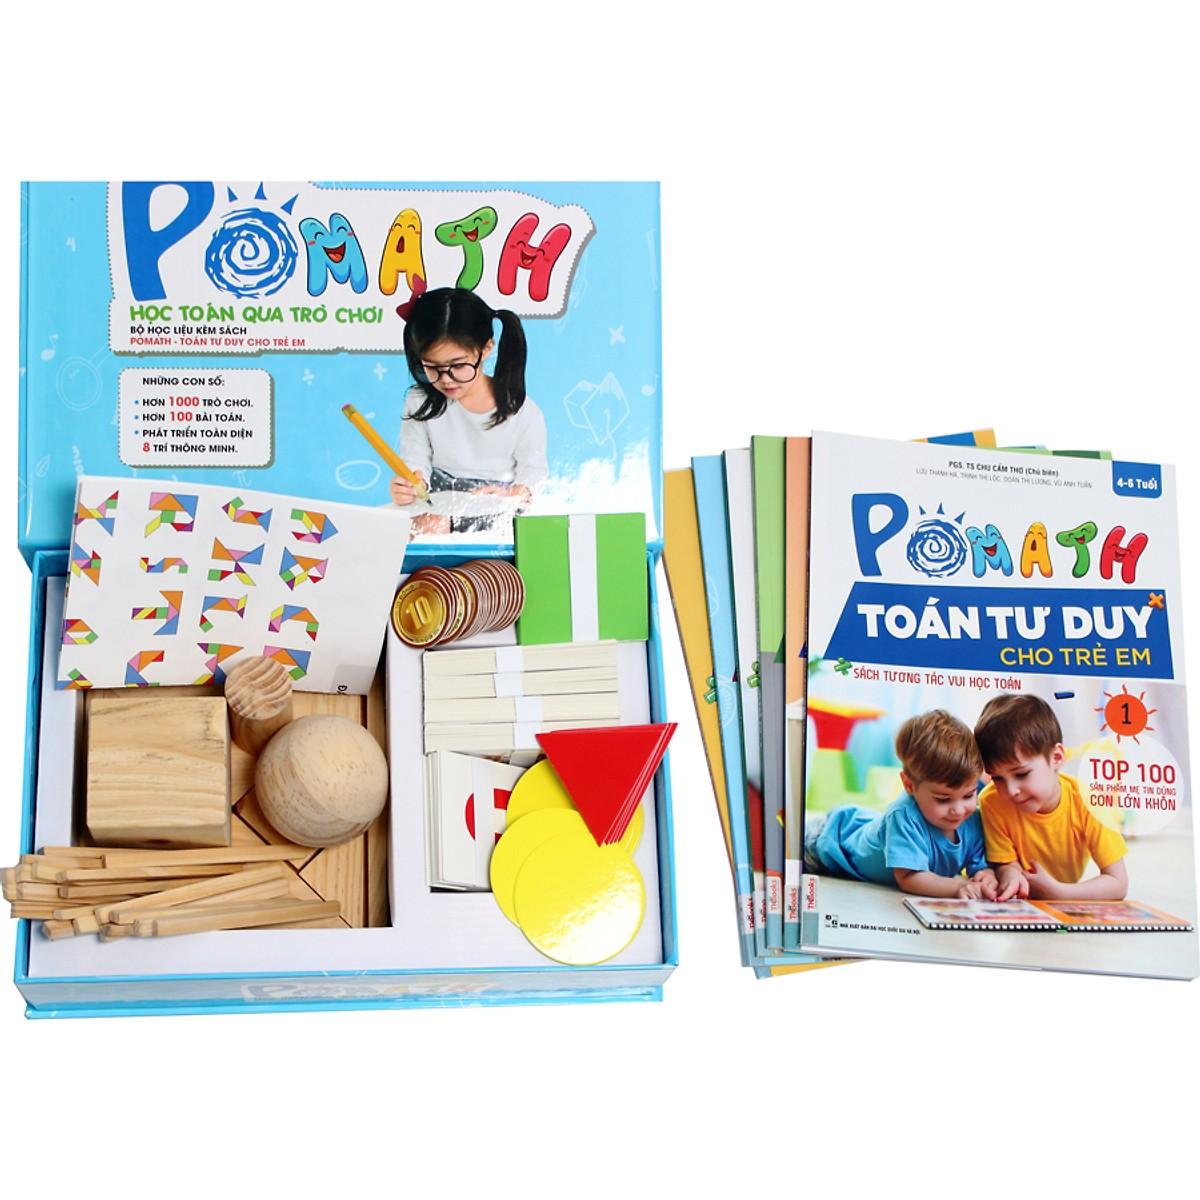 Combo Bộ sách POMath Toán tư duy cho trẻ em 4 đến 6 tuổi, và bộ học liệu đi kèm(Tặng Kèm Bookmark PL)